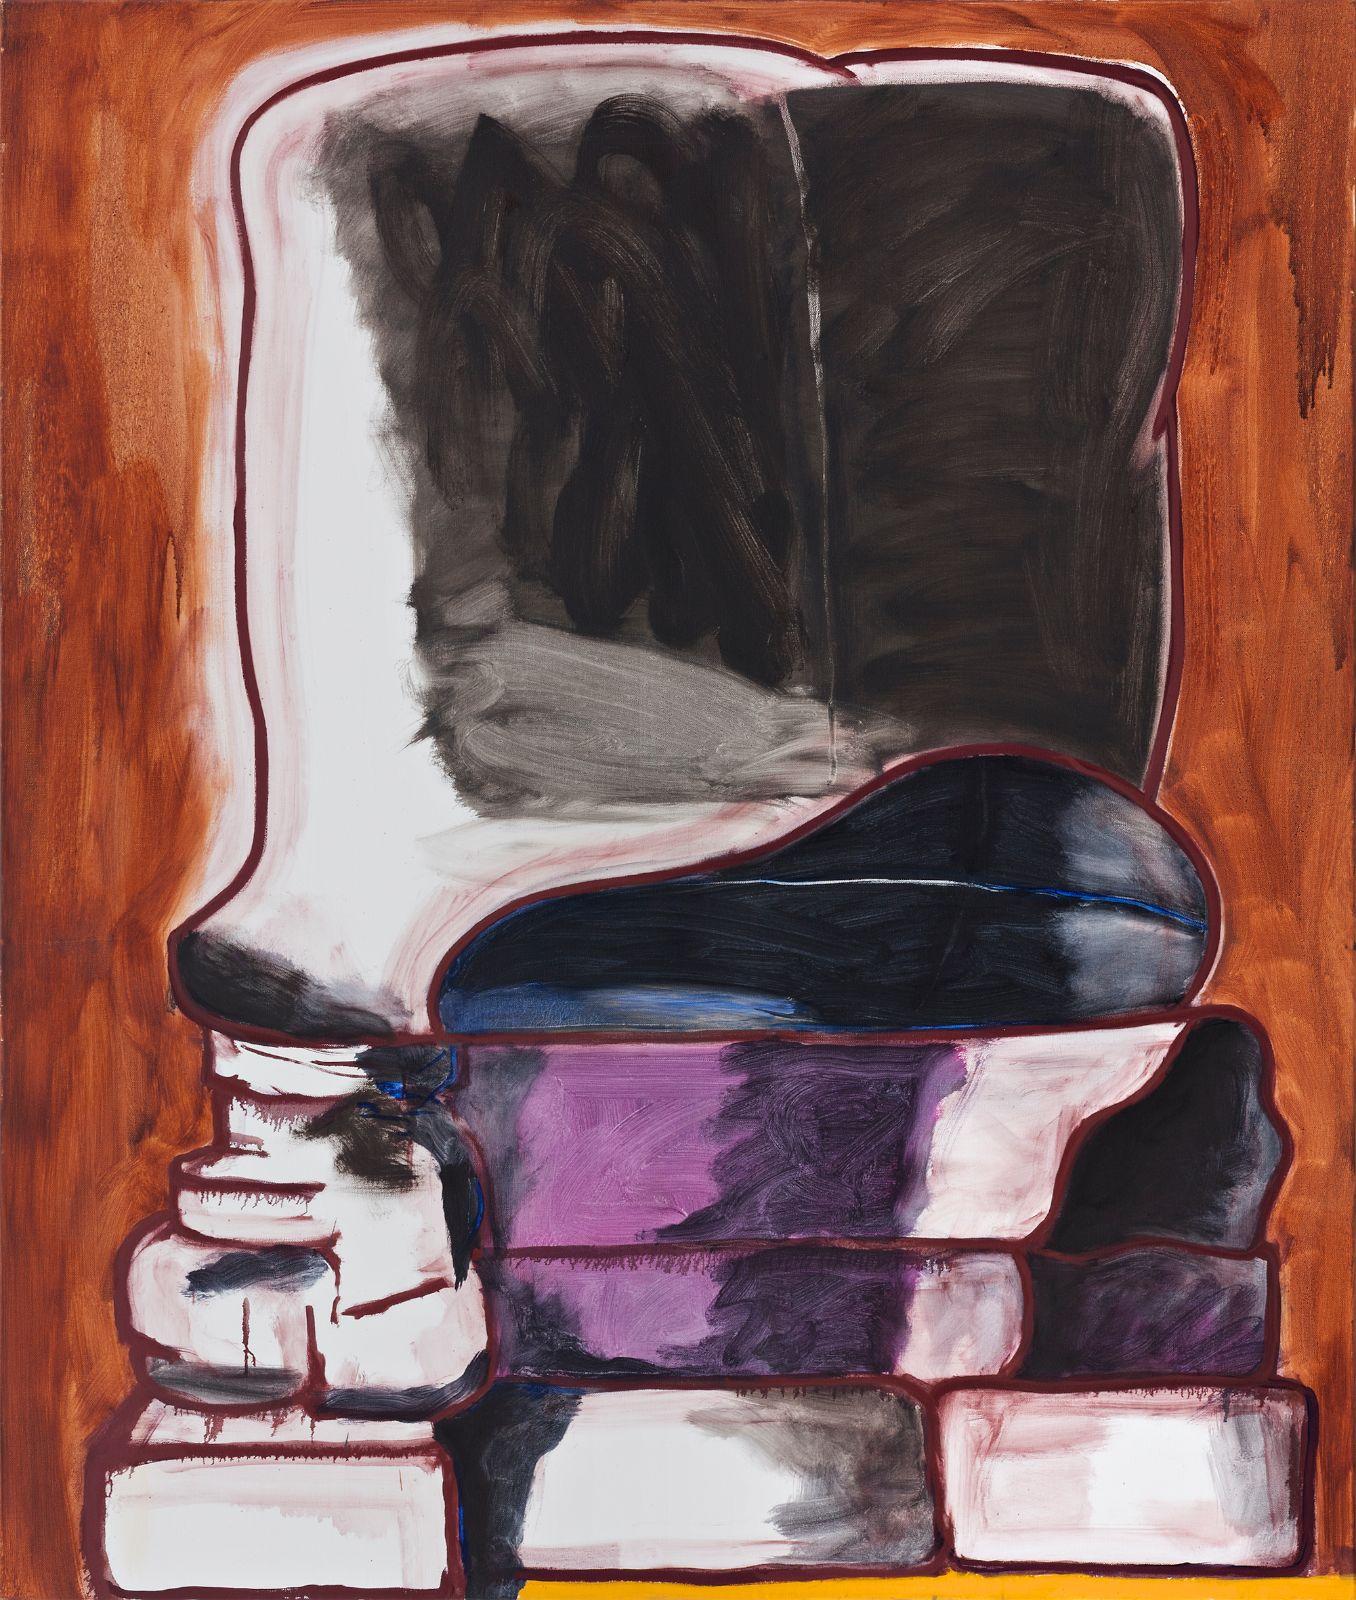 Paul Osipow, Didyma 2, 2012-2013, oil on canvas,160 x 135 cm